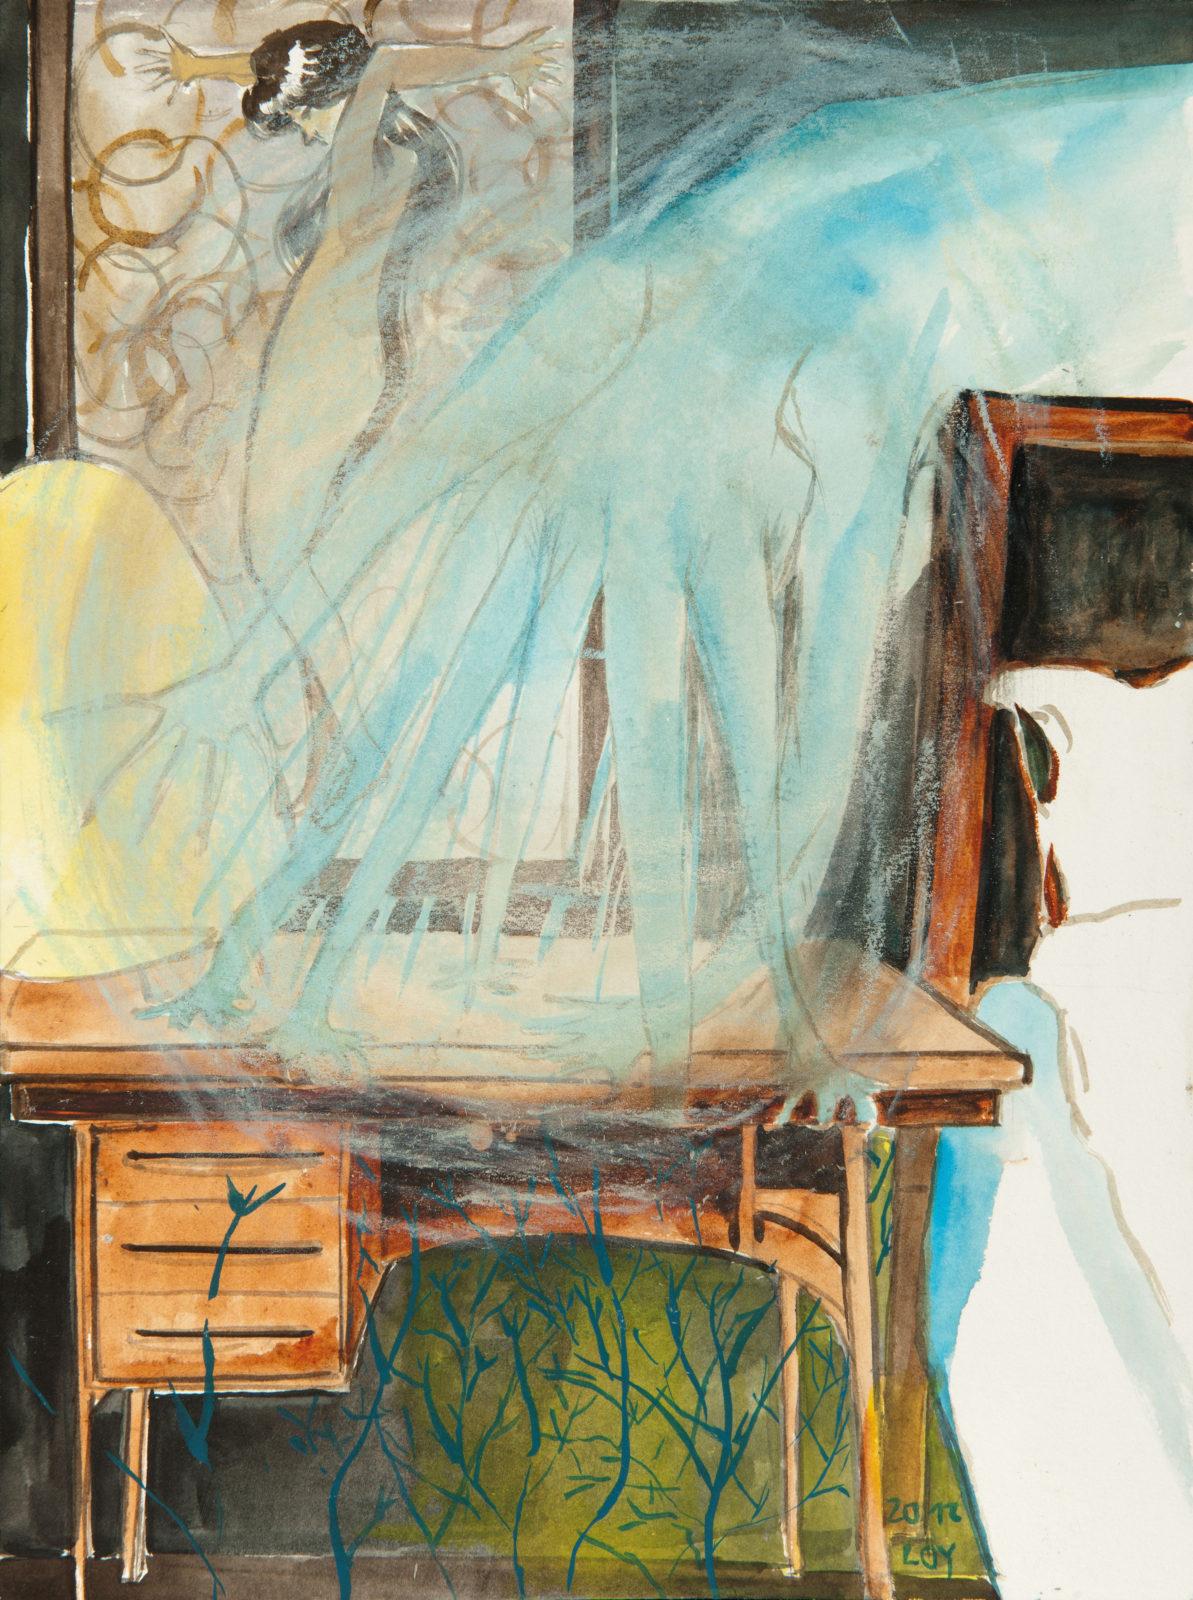 Rosa Loy | In fremden Betten.